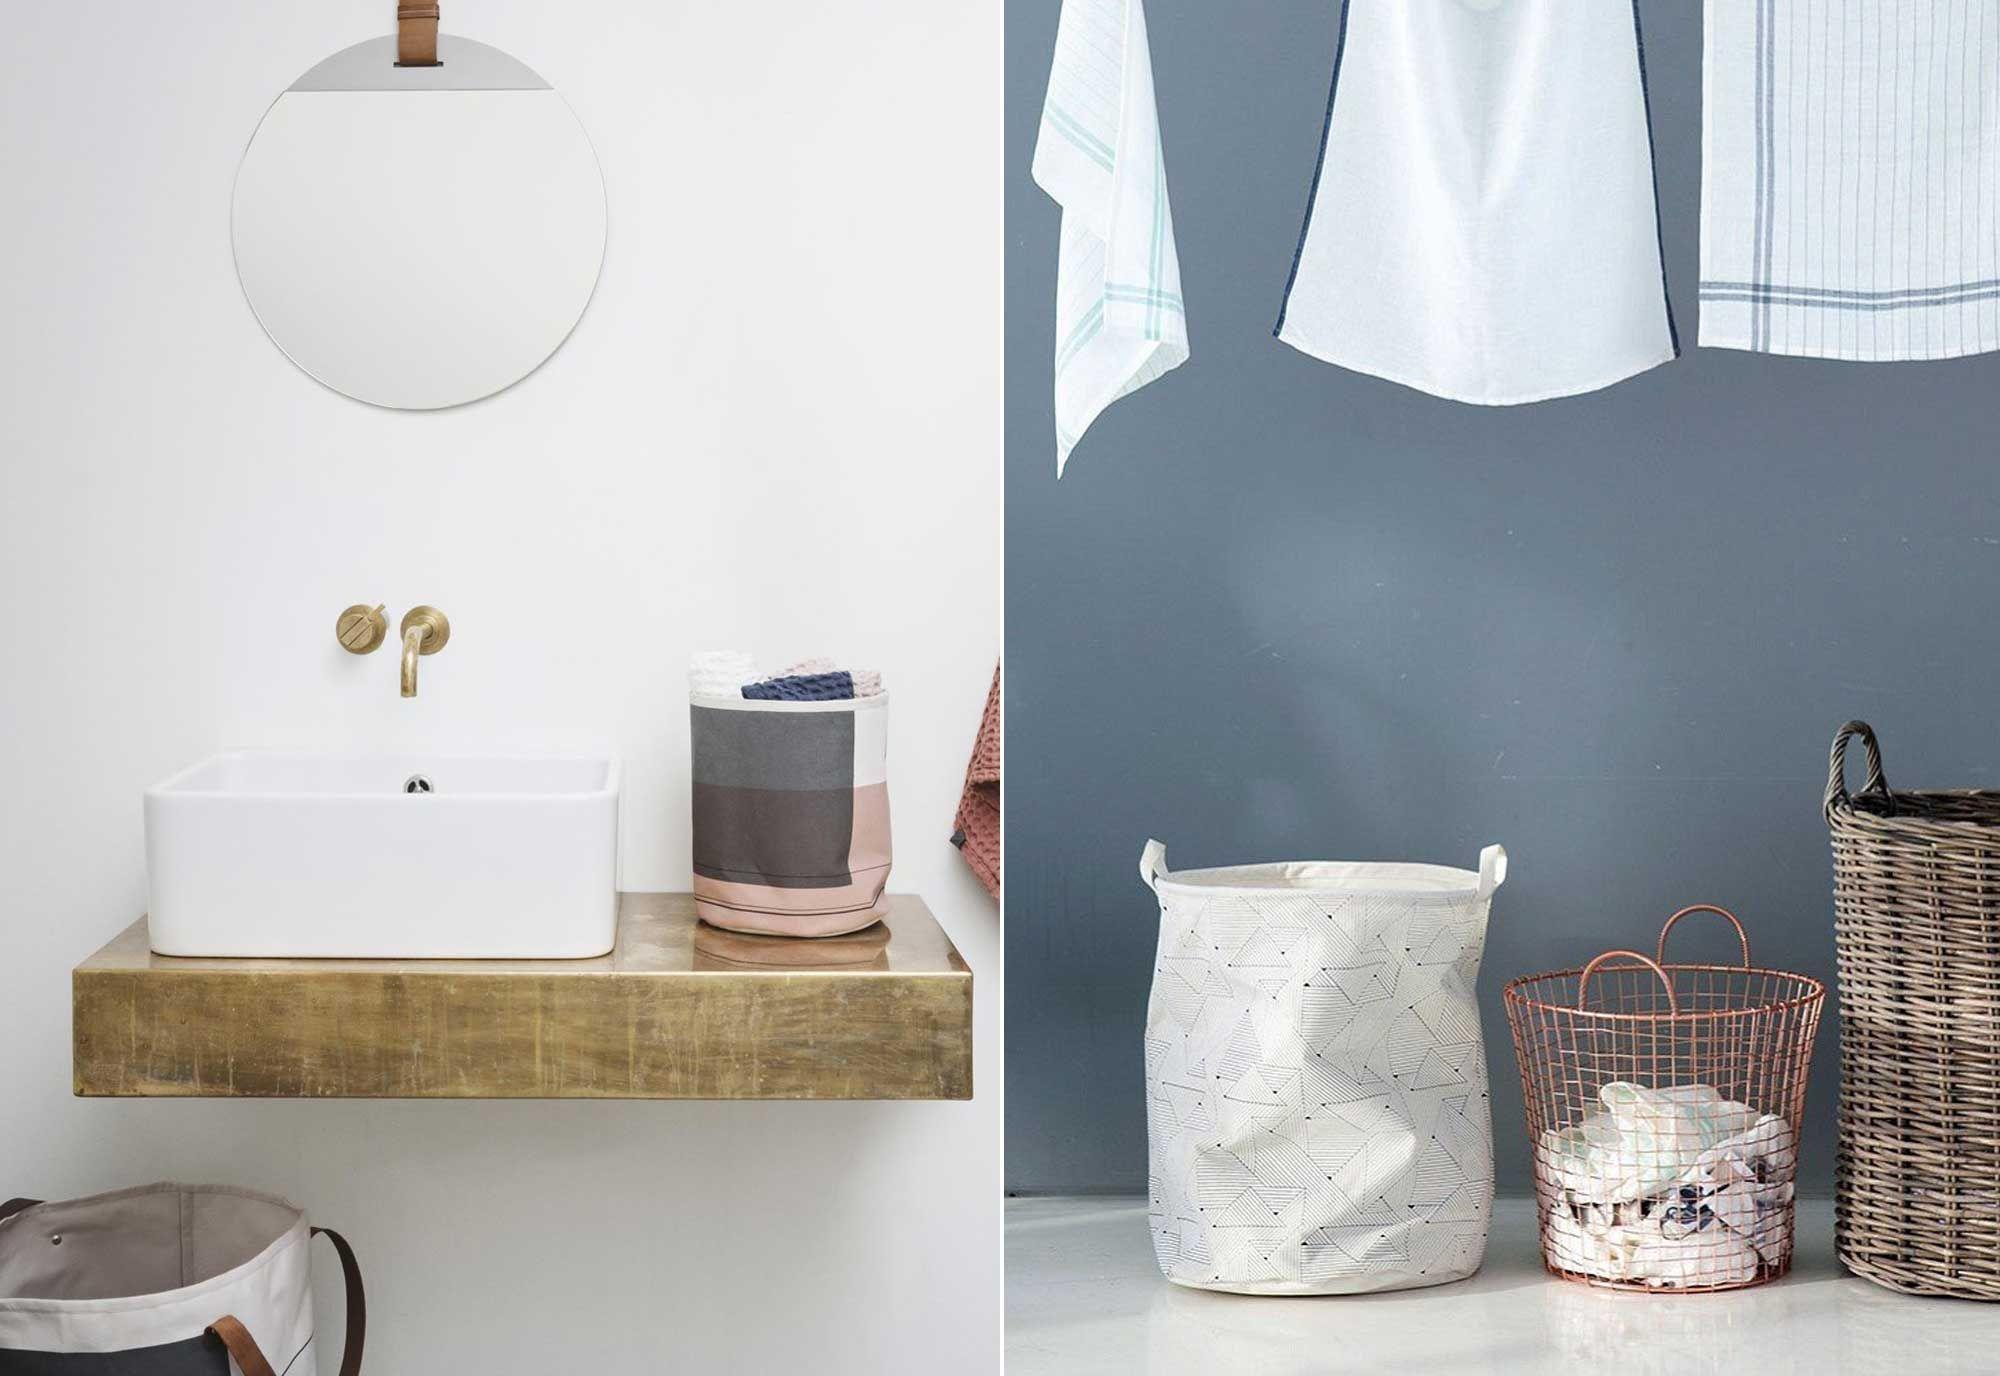 Mooie Wastafels Badkamer : Wasmand wastafel handdoeken musthaves voor een mooie